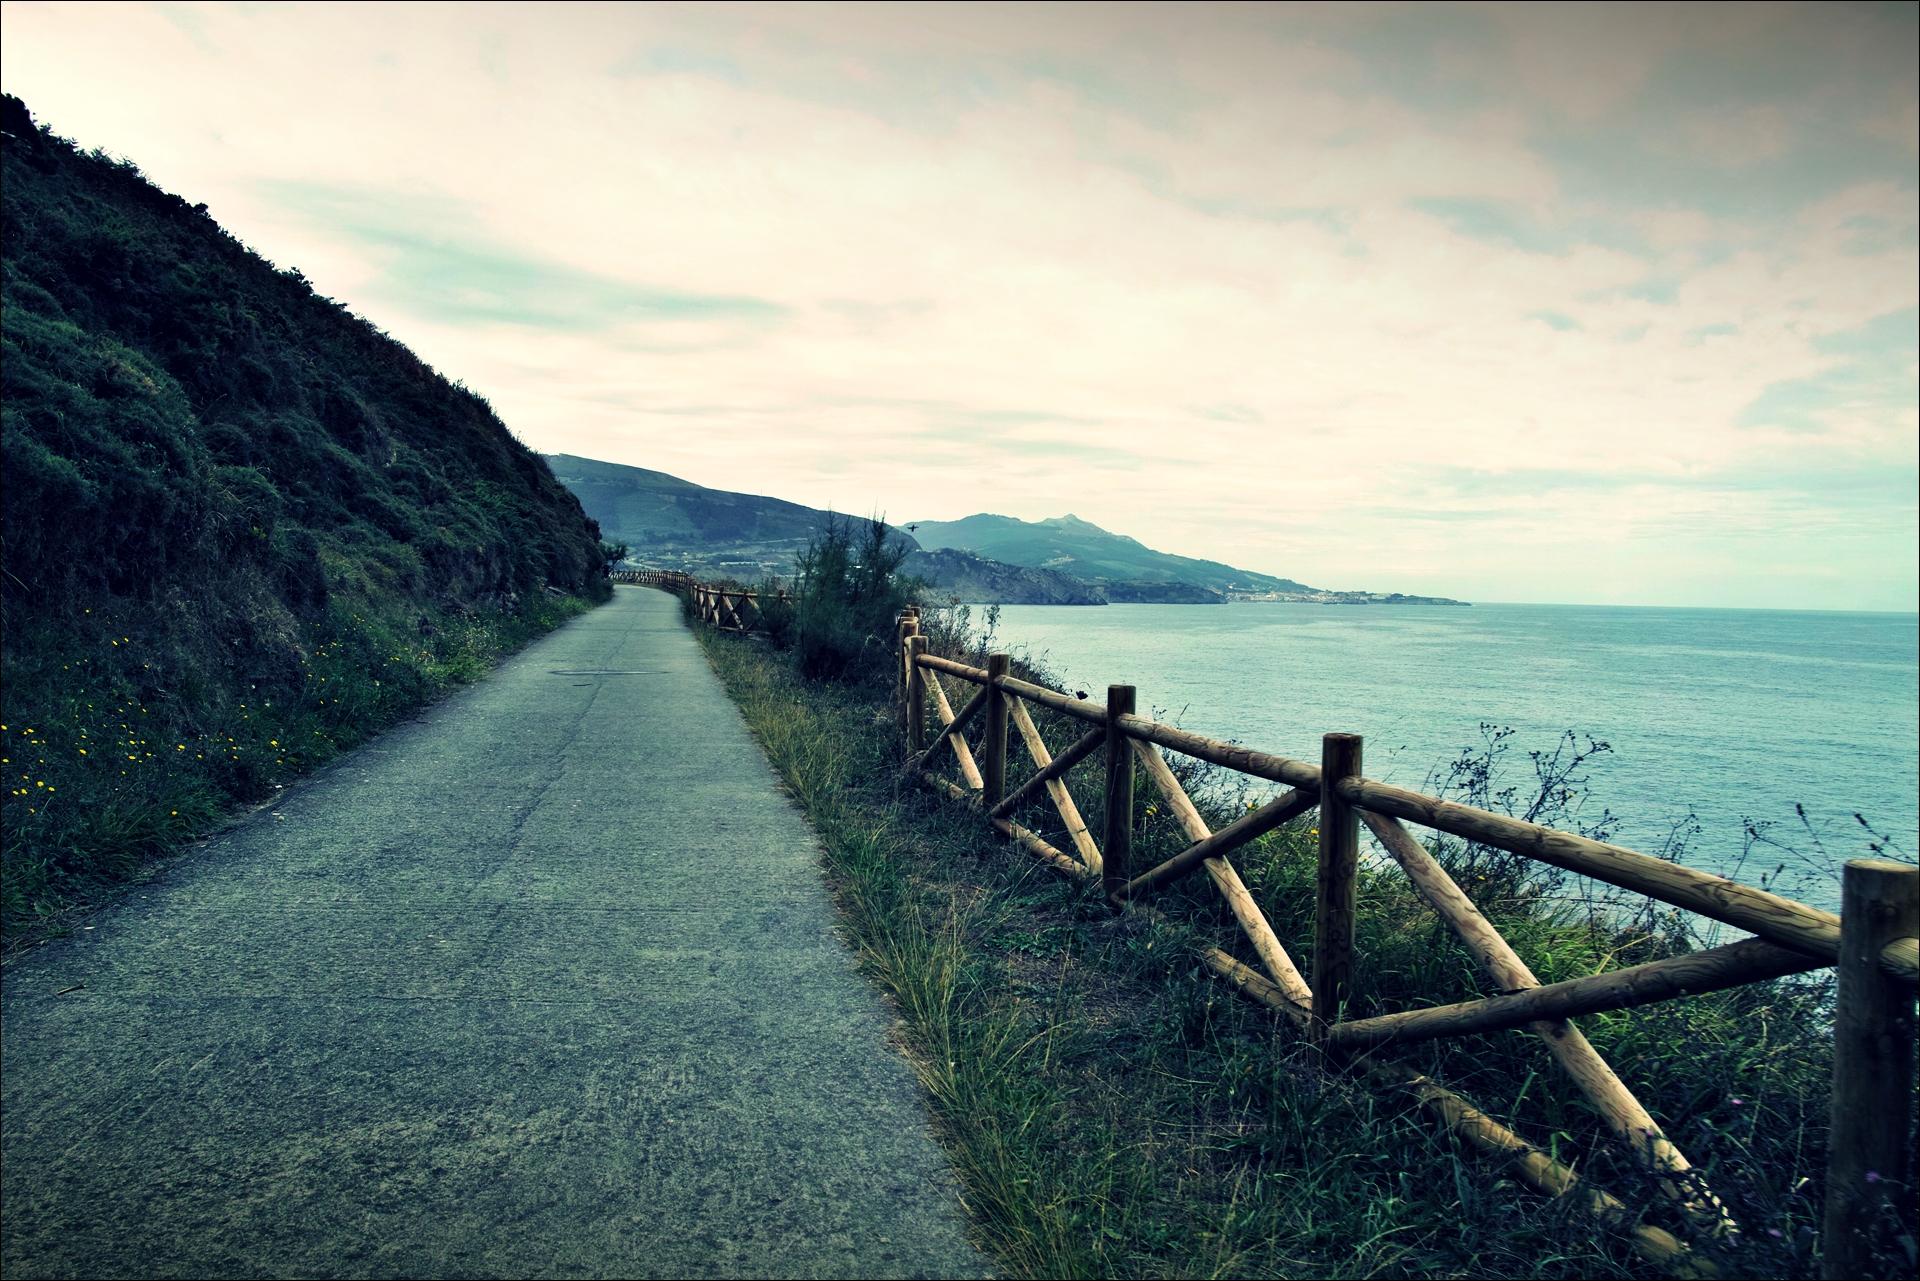 바다 길-'카미노 데 산티아고 북쪽길. 포르투갈레테에서 카스트로 우르디알레스. (Camino del Norte - Portugalete to Castro Urdiales) '